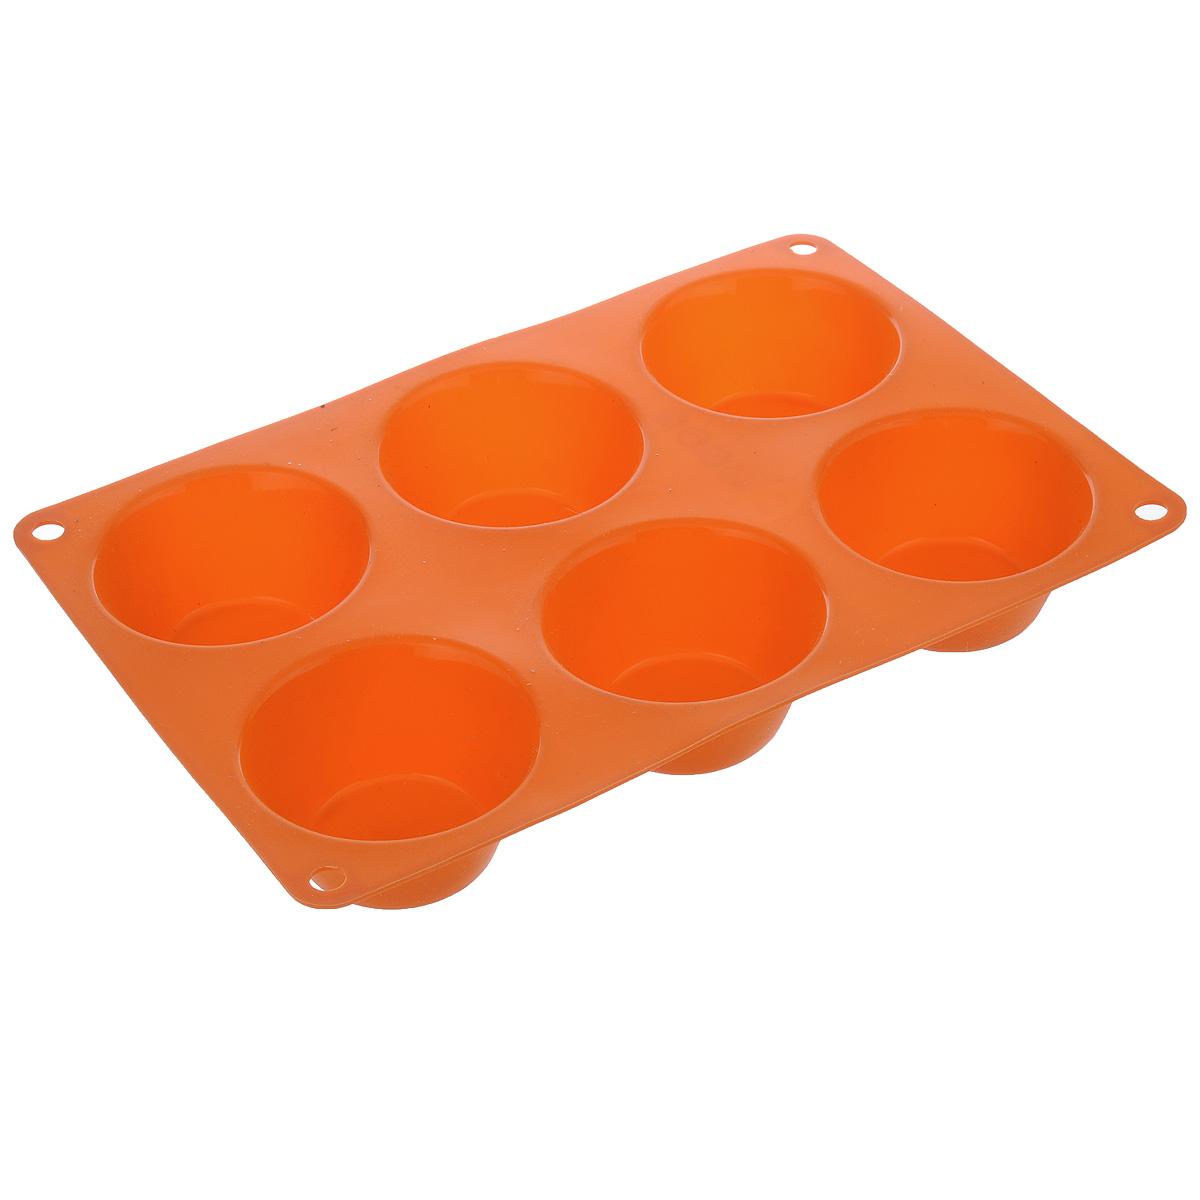 Форма для выпечки маффинов Taller, цвет: оранжевый, 6 ячеекTR-6200_оранжевыйФорма Taller будет отличным выбором для всех любителей выпечки. Благодаря тому, что форма изготовлена из силикона, готовую выпечку или мармелад вынимать легко и просто. Изделие выполнено в форме прямоугольника, внутри которого расположены 6 круглых ячеек. Форма прекрасно подойдет для выпечки маффинов. С такой формой вы всегда сможете порадовать своих близких оригинальной выпечкой. Материал изделия устойчив к фруктовым кислотам, может быть использован в духовках, микроволновых печах, холодильниках и морозильных камерах (выдерживает температуру от -20°C до 220°C). Антипригарные свойства материала позволяют готовить без использования масла. Можно мыть и сушить в посудомоечной машине. При работе с формой используйте кухонный инструмент из силикона - кисти, лопатки, скребки. Не ставьте форму на электрическую конфорку. Не разрезайте выпечку прямо в форме. Количество ячеек: 6 шт. Общий размер формы: 24 см х 16,5 см х 3,5 см. ...